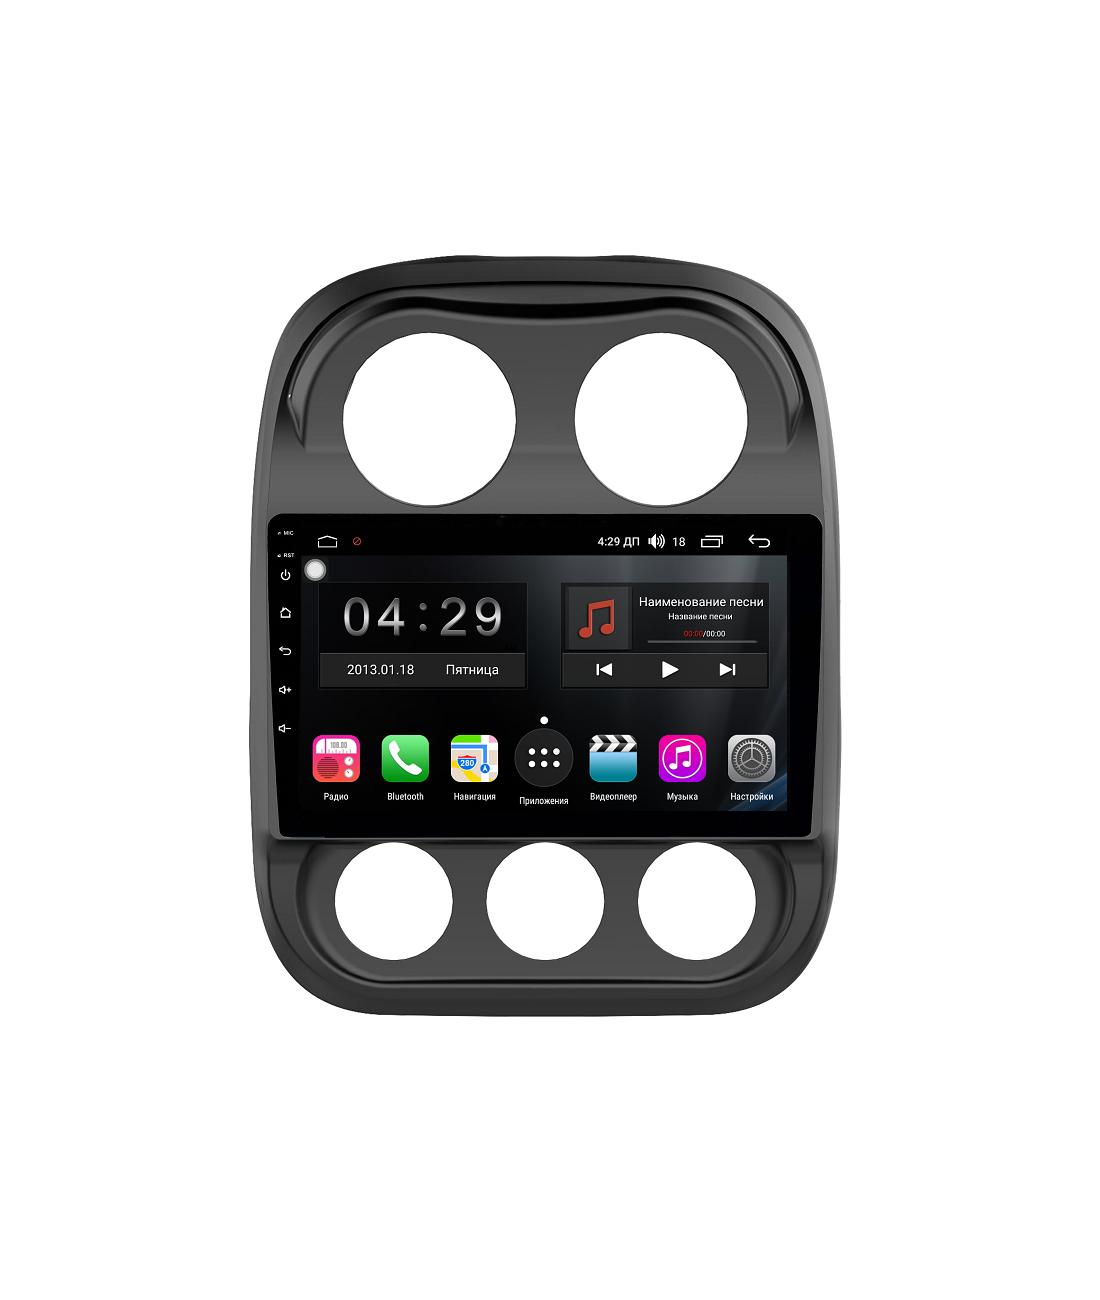 Штатная магнитола FarCar s300-SIM 4G для Jeep Compass на Android (RG1078R) (+ Камера заднего вида в подарок!)